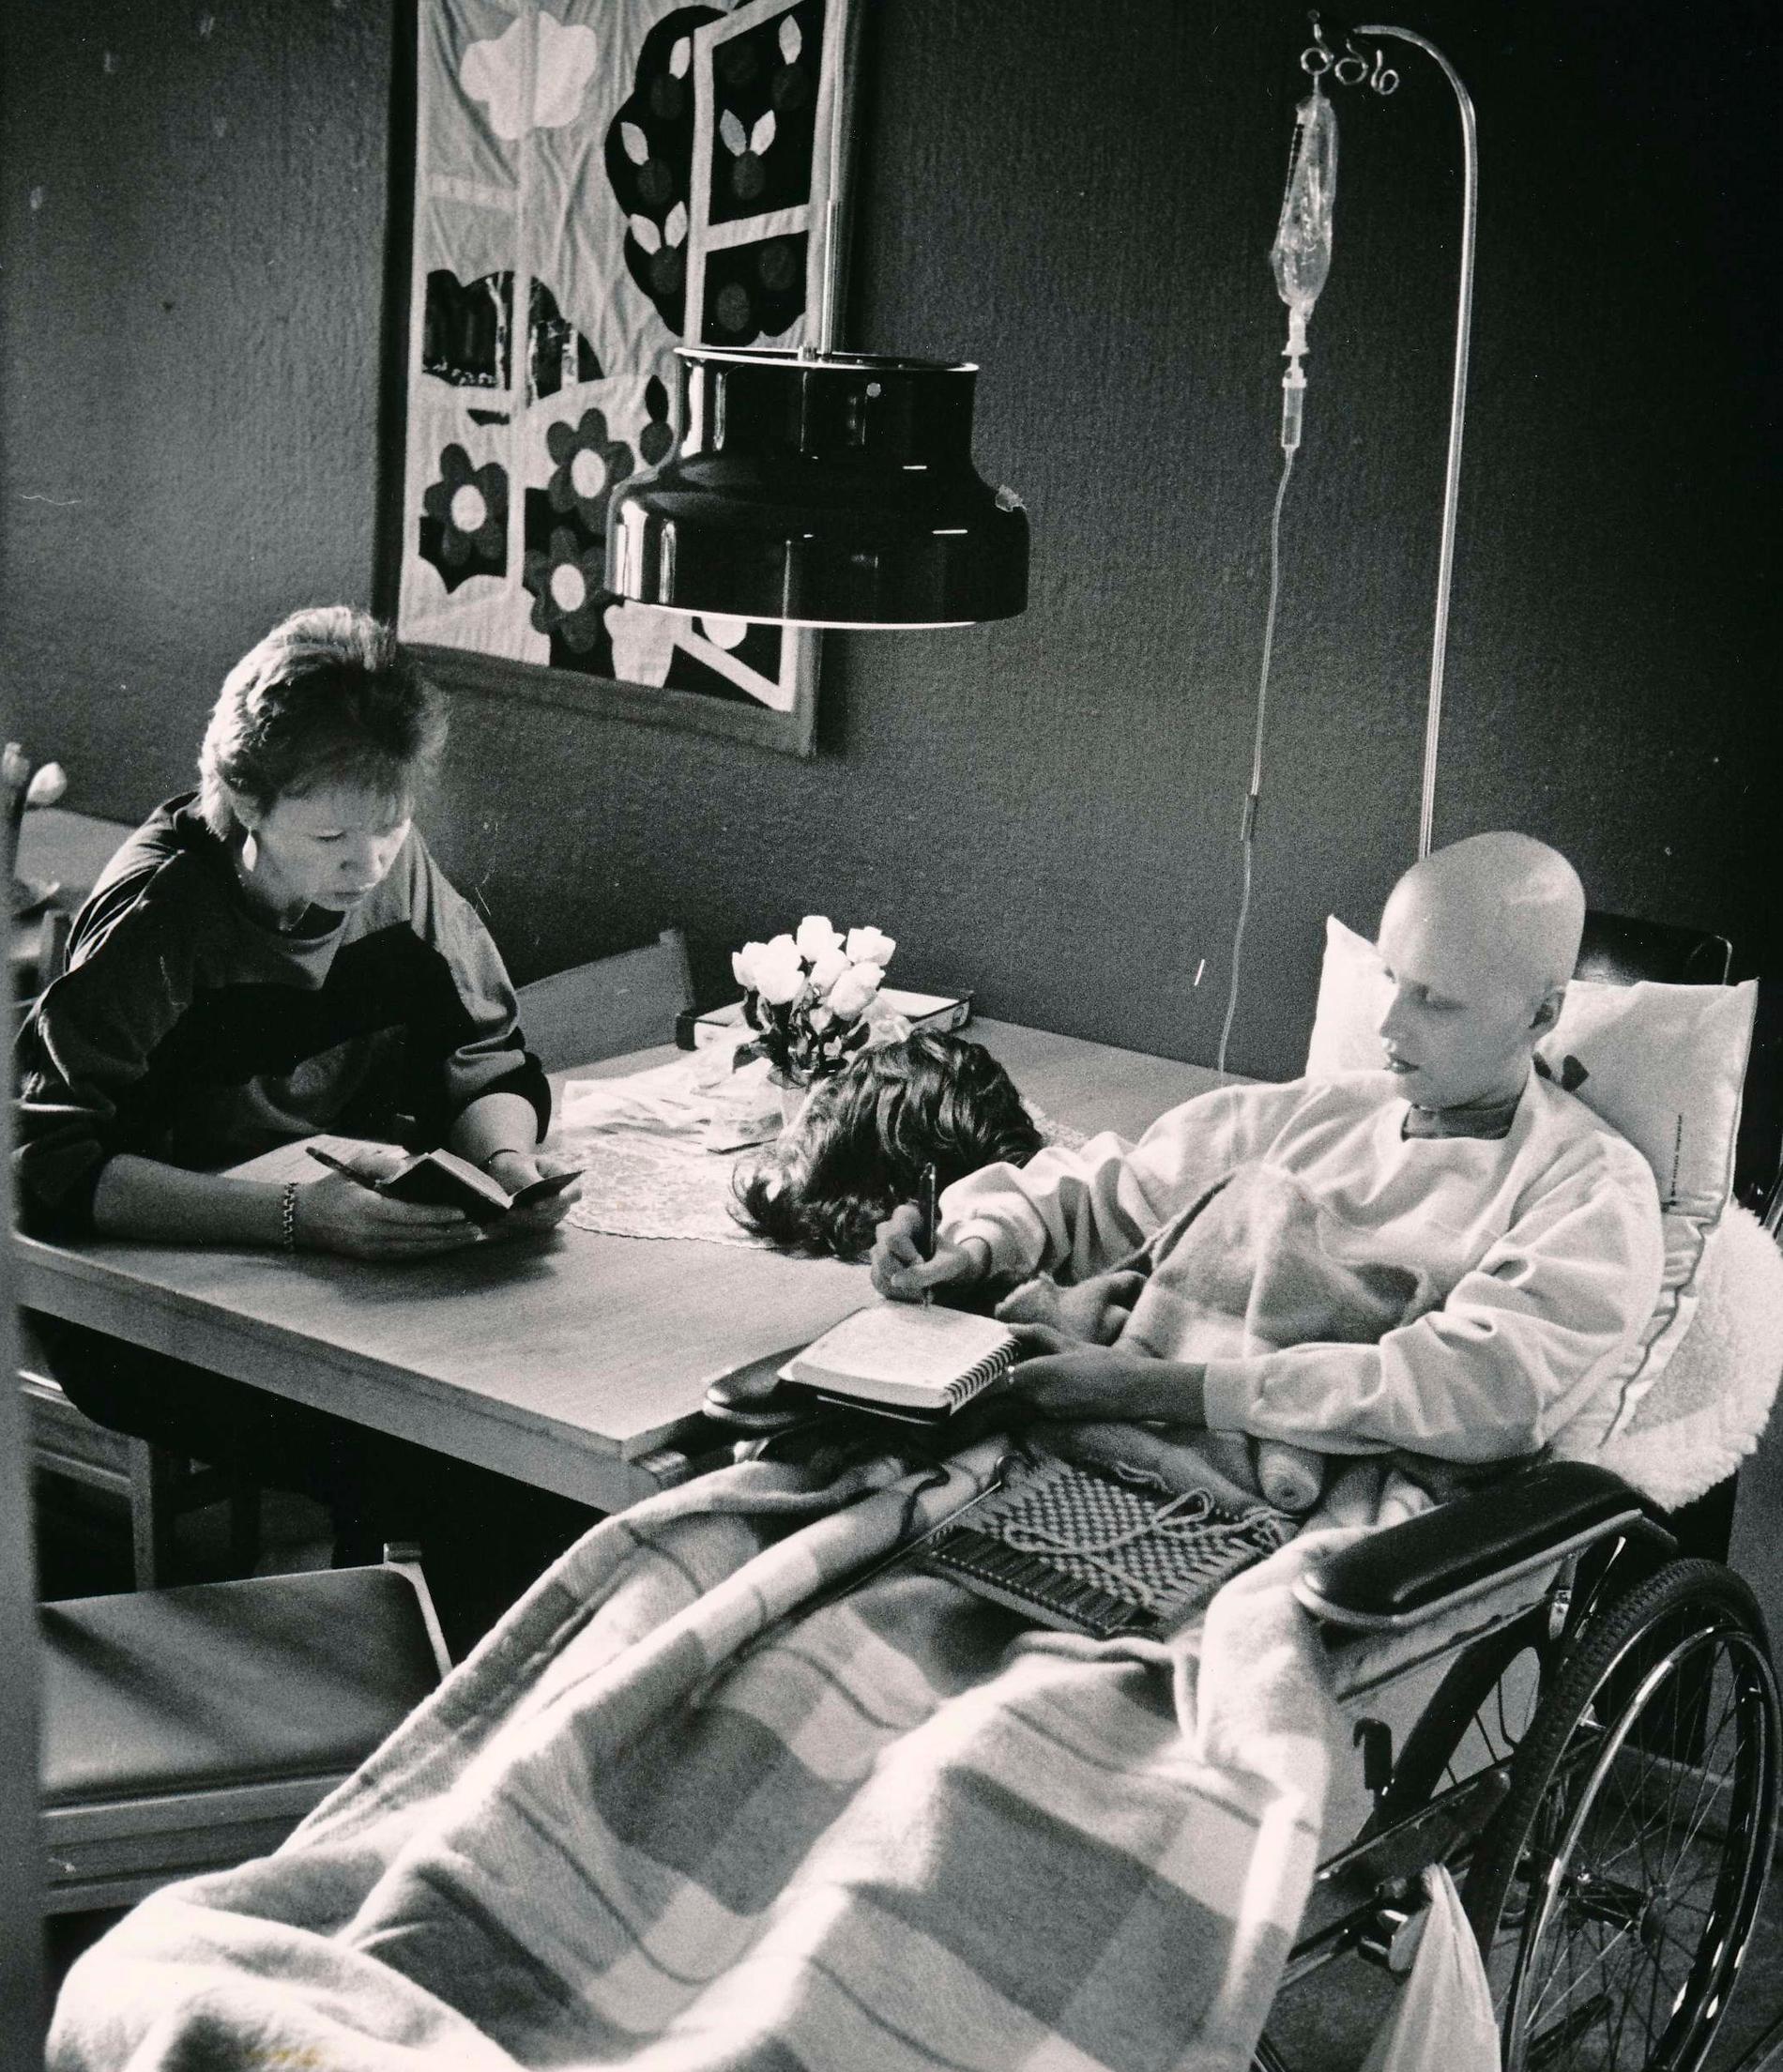 Så såg det ut i dagrummet, en typisk dag 1987 i väntan på cytostatikabehandling. Anita och Annika skriver i sina dagböcker.